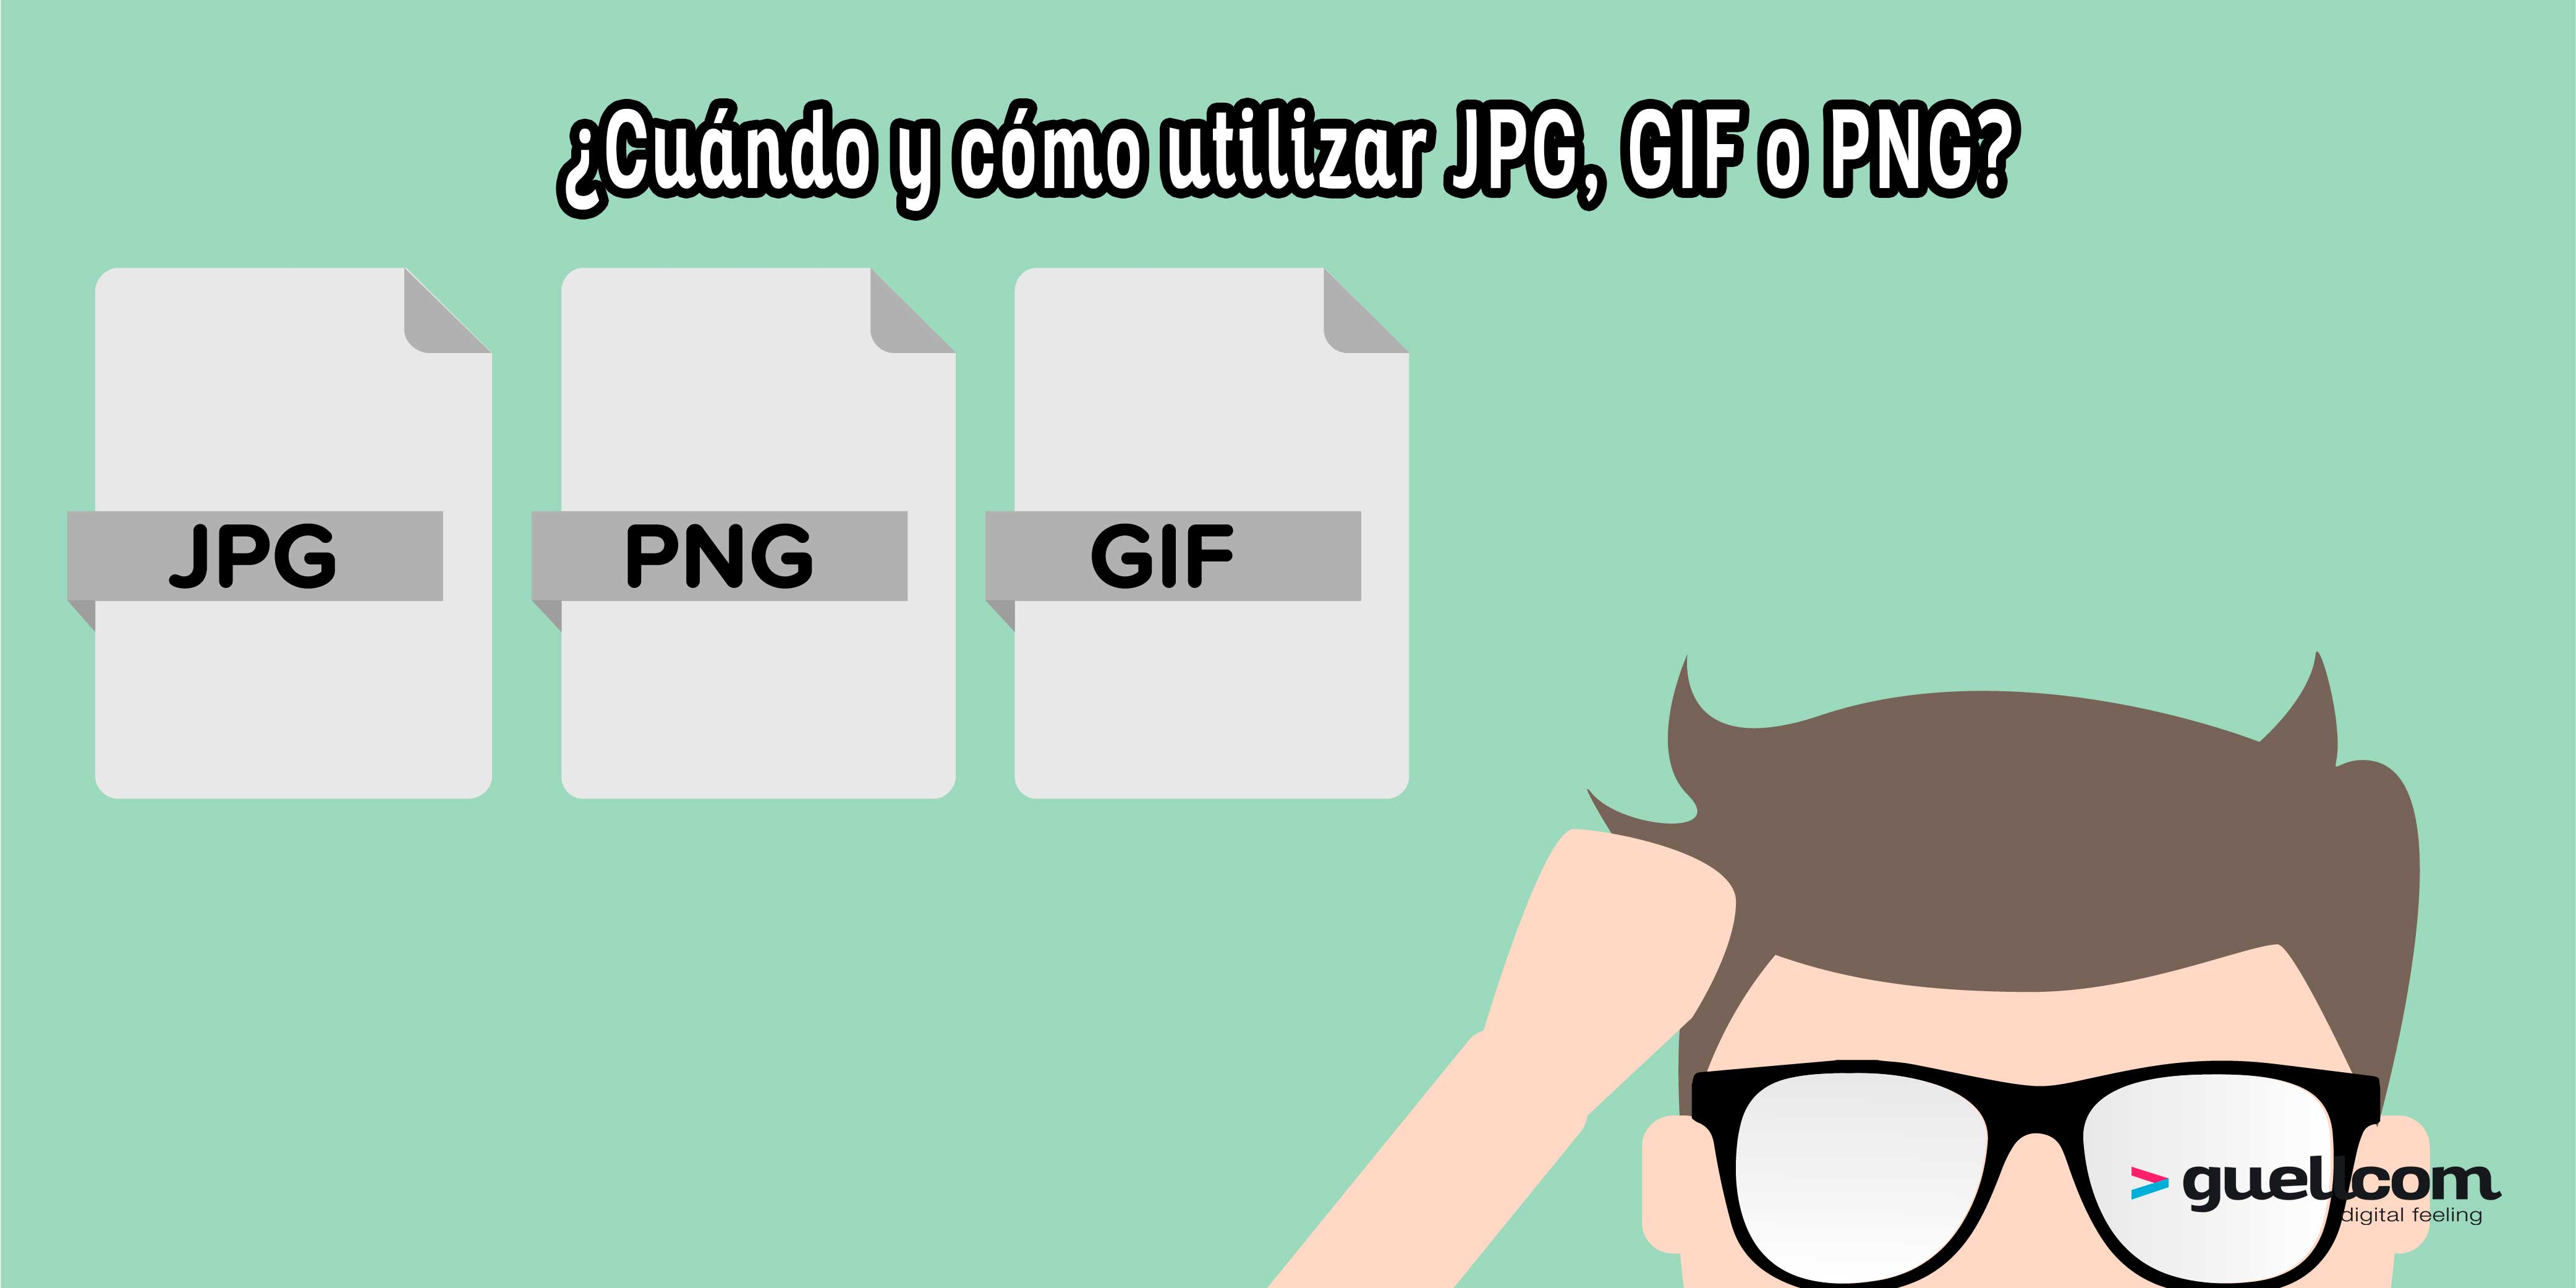 ¿Cuándo y cómo utilizar JPG, GIF o PNG?